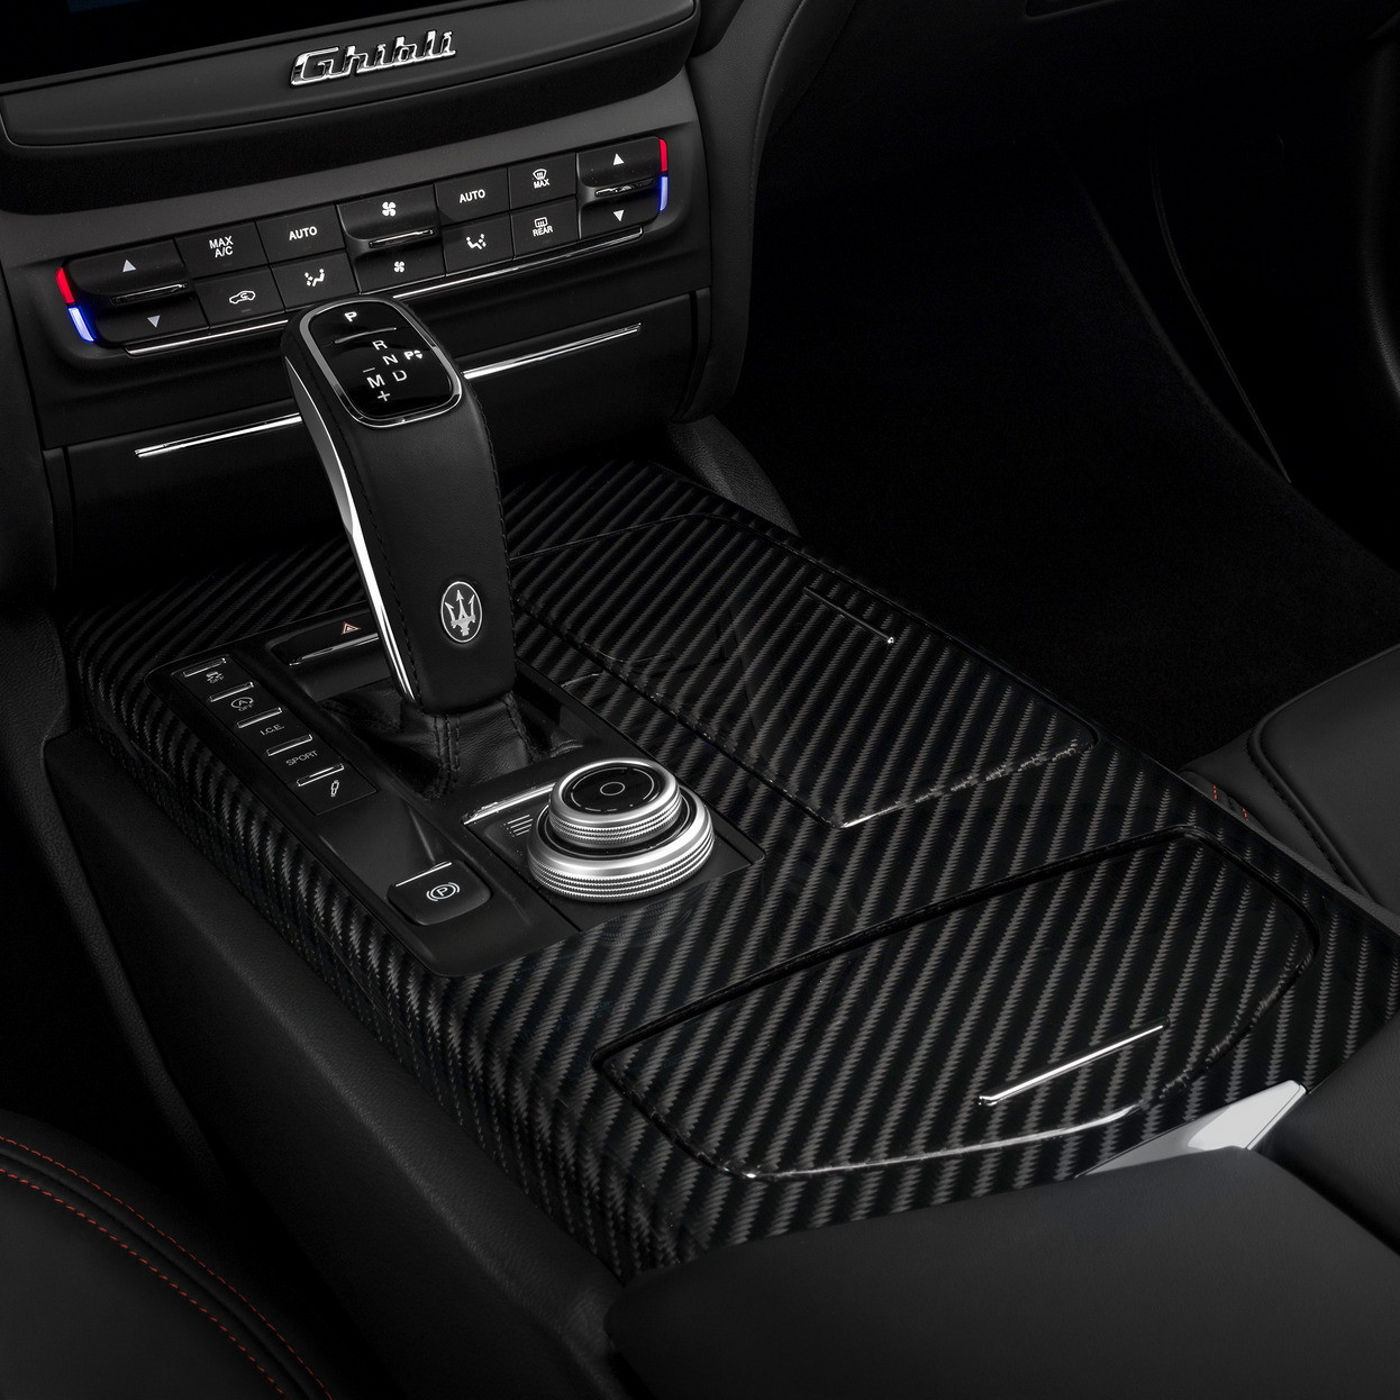 Maserati Ghibli Innenausstattung - Kupplung Detail - Automatikgetriebe